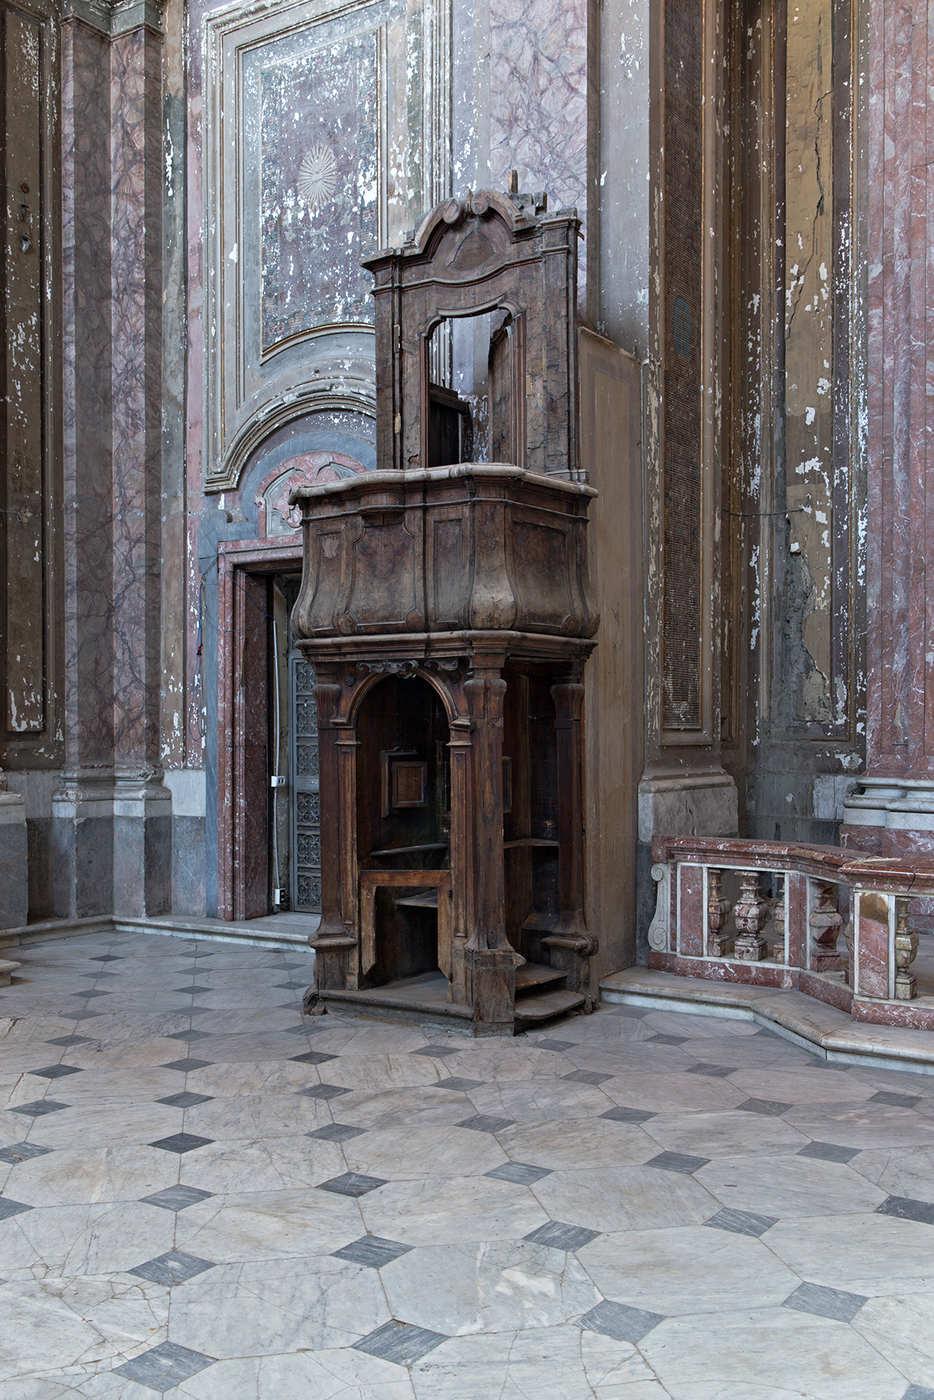 22. Cosimo Fanzago, pulpito confessionale, circa. 1650